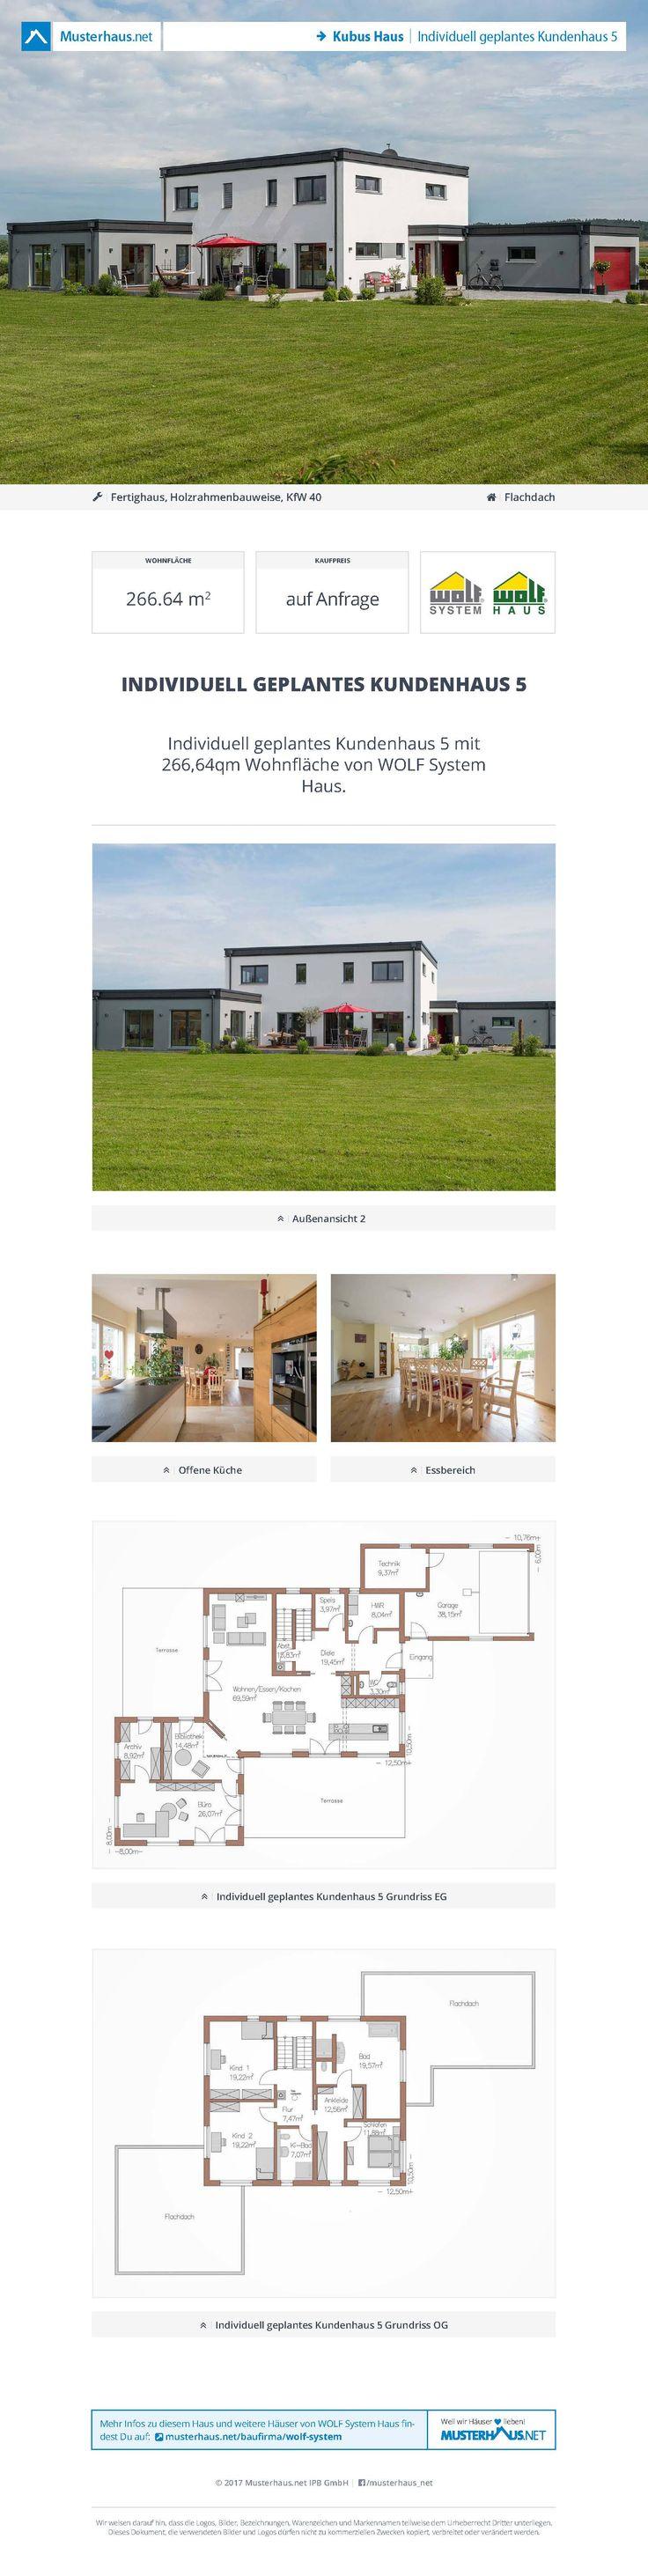 Holzhaus Mit Flachdach U2022 Individuell Geplantes Kundenhaus 5 U2022 Wolf System  GmbH U2022 Jetzt Bei Musterhaus